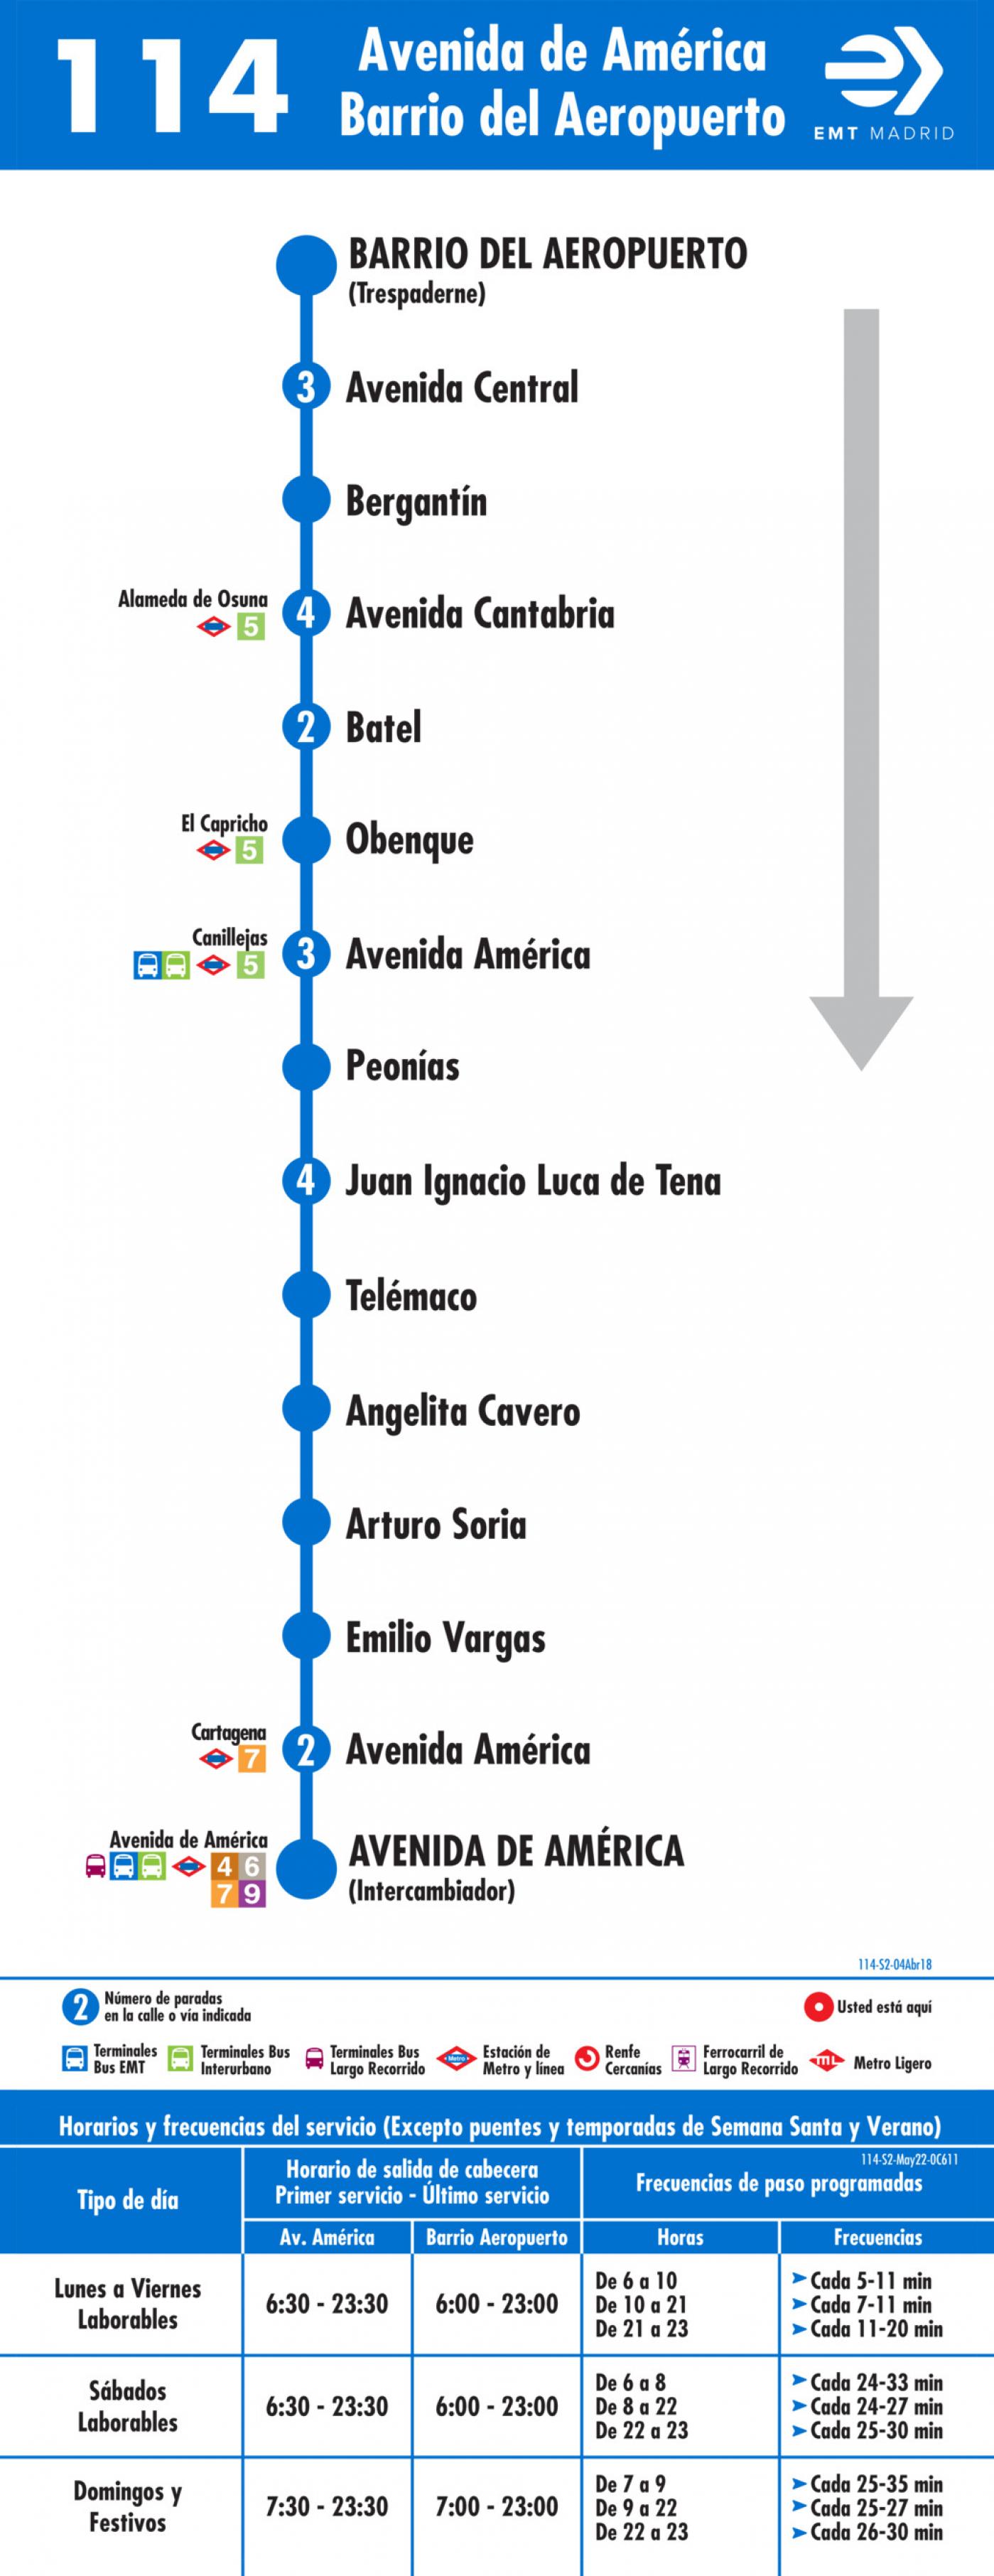 Tabla de horarios y frecuencias de paso en sentido vuelta Línea 114: Avenida de América - Barrio del Aeropuerto